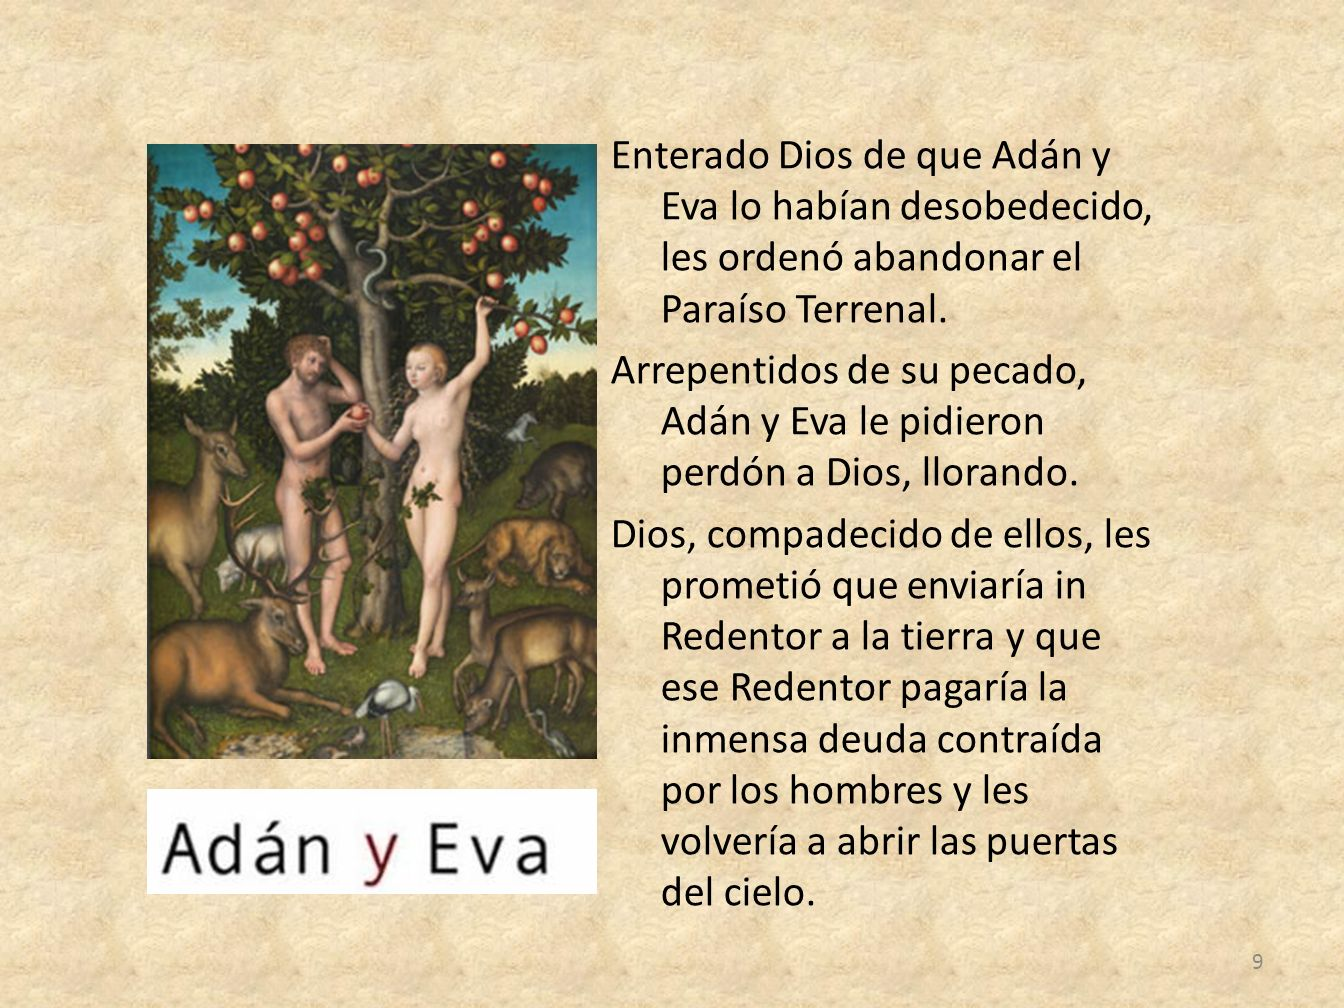 Enterado Dios de que Adán y Eva lo habían desobedecido, les ordenó abandonar el Paraíso Terrenal. Arrepentidos de su pecado, Adán y Eva le pidieron pe